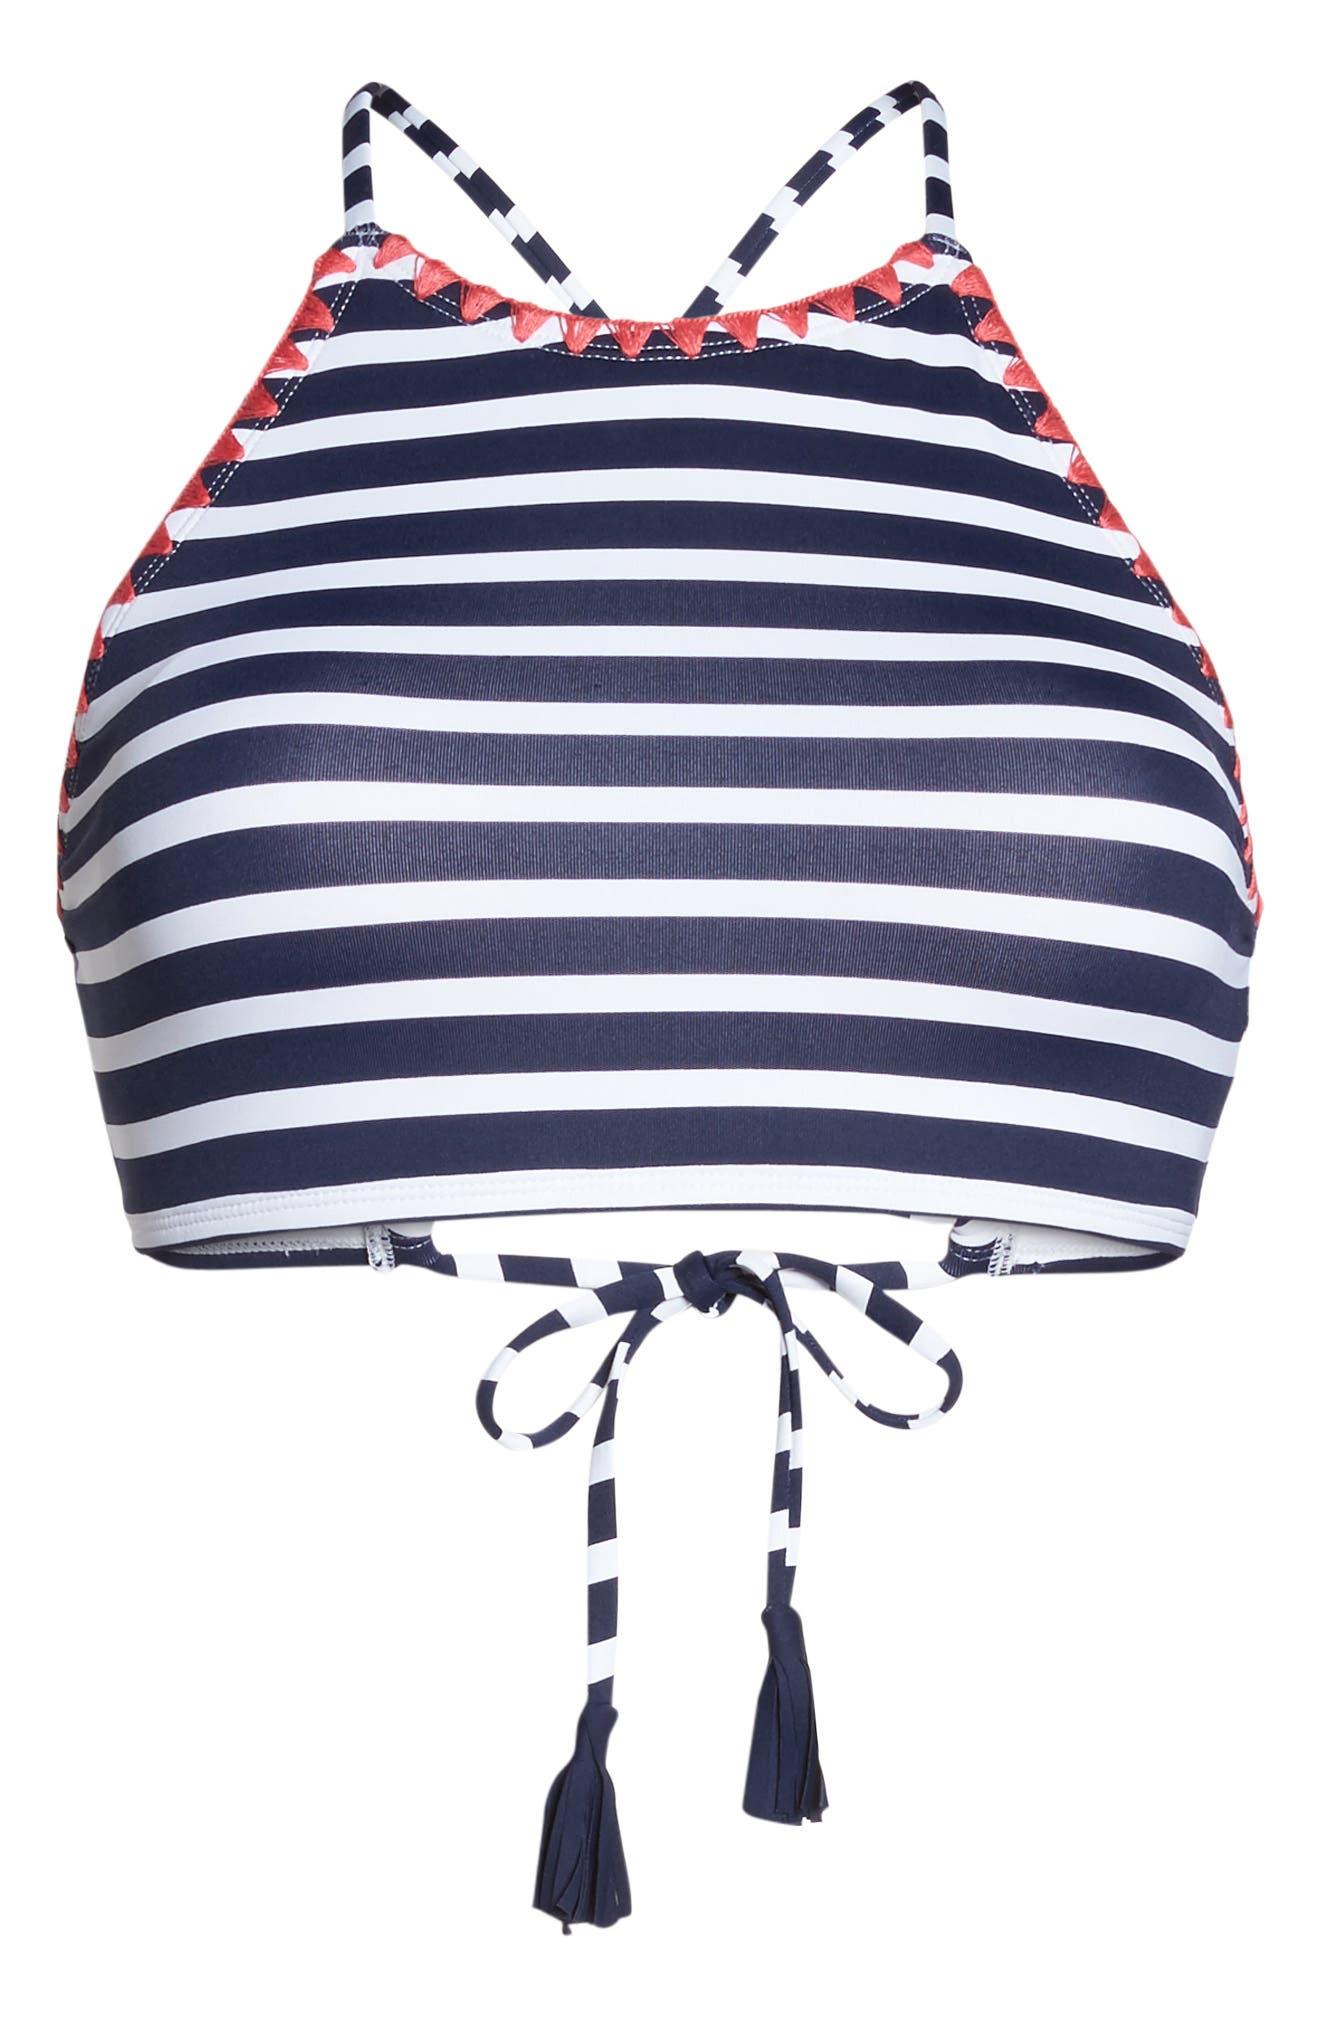 TOMMY BAHAMA,                             Breton Stripe Bikini Top,                             Alternate thumbnail 6, color,                             400